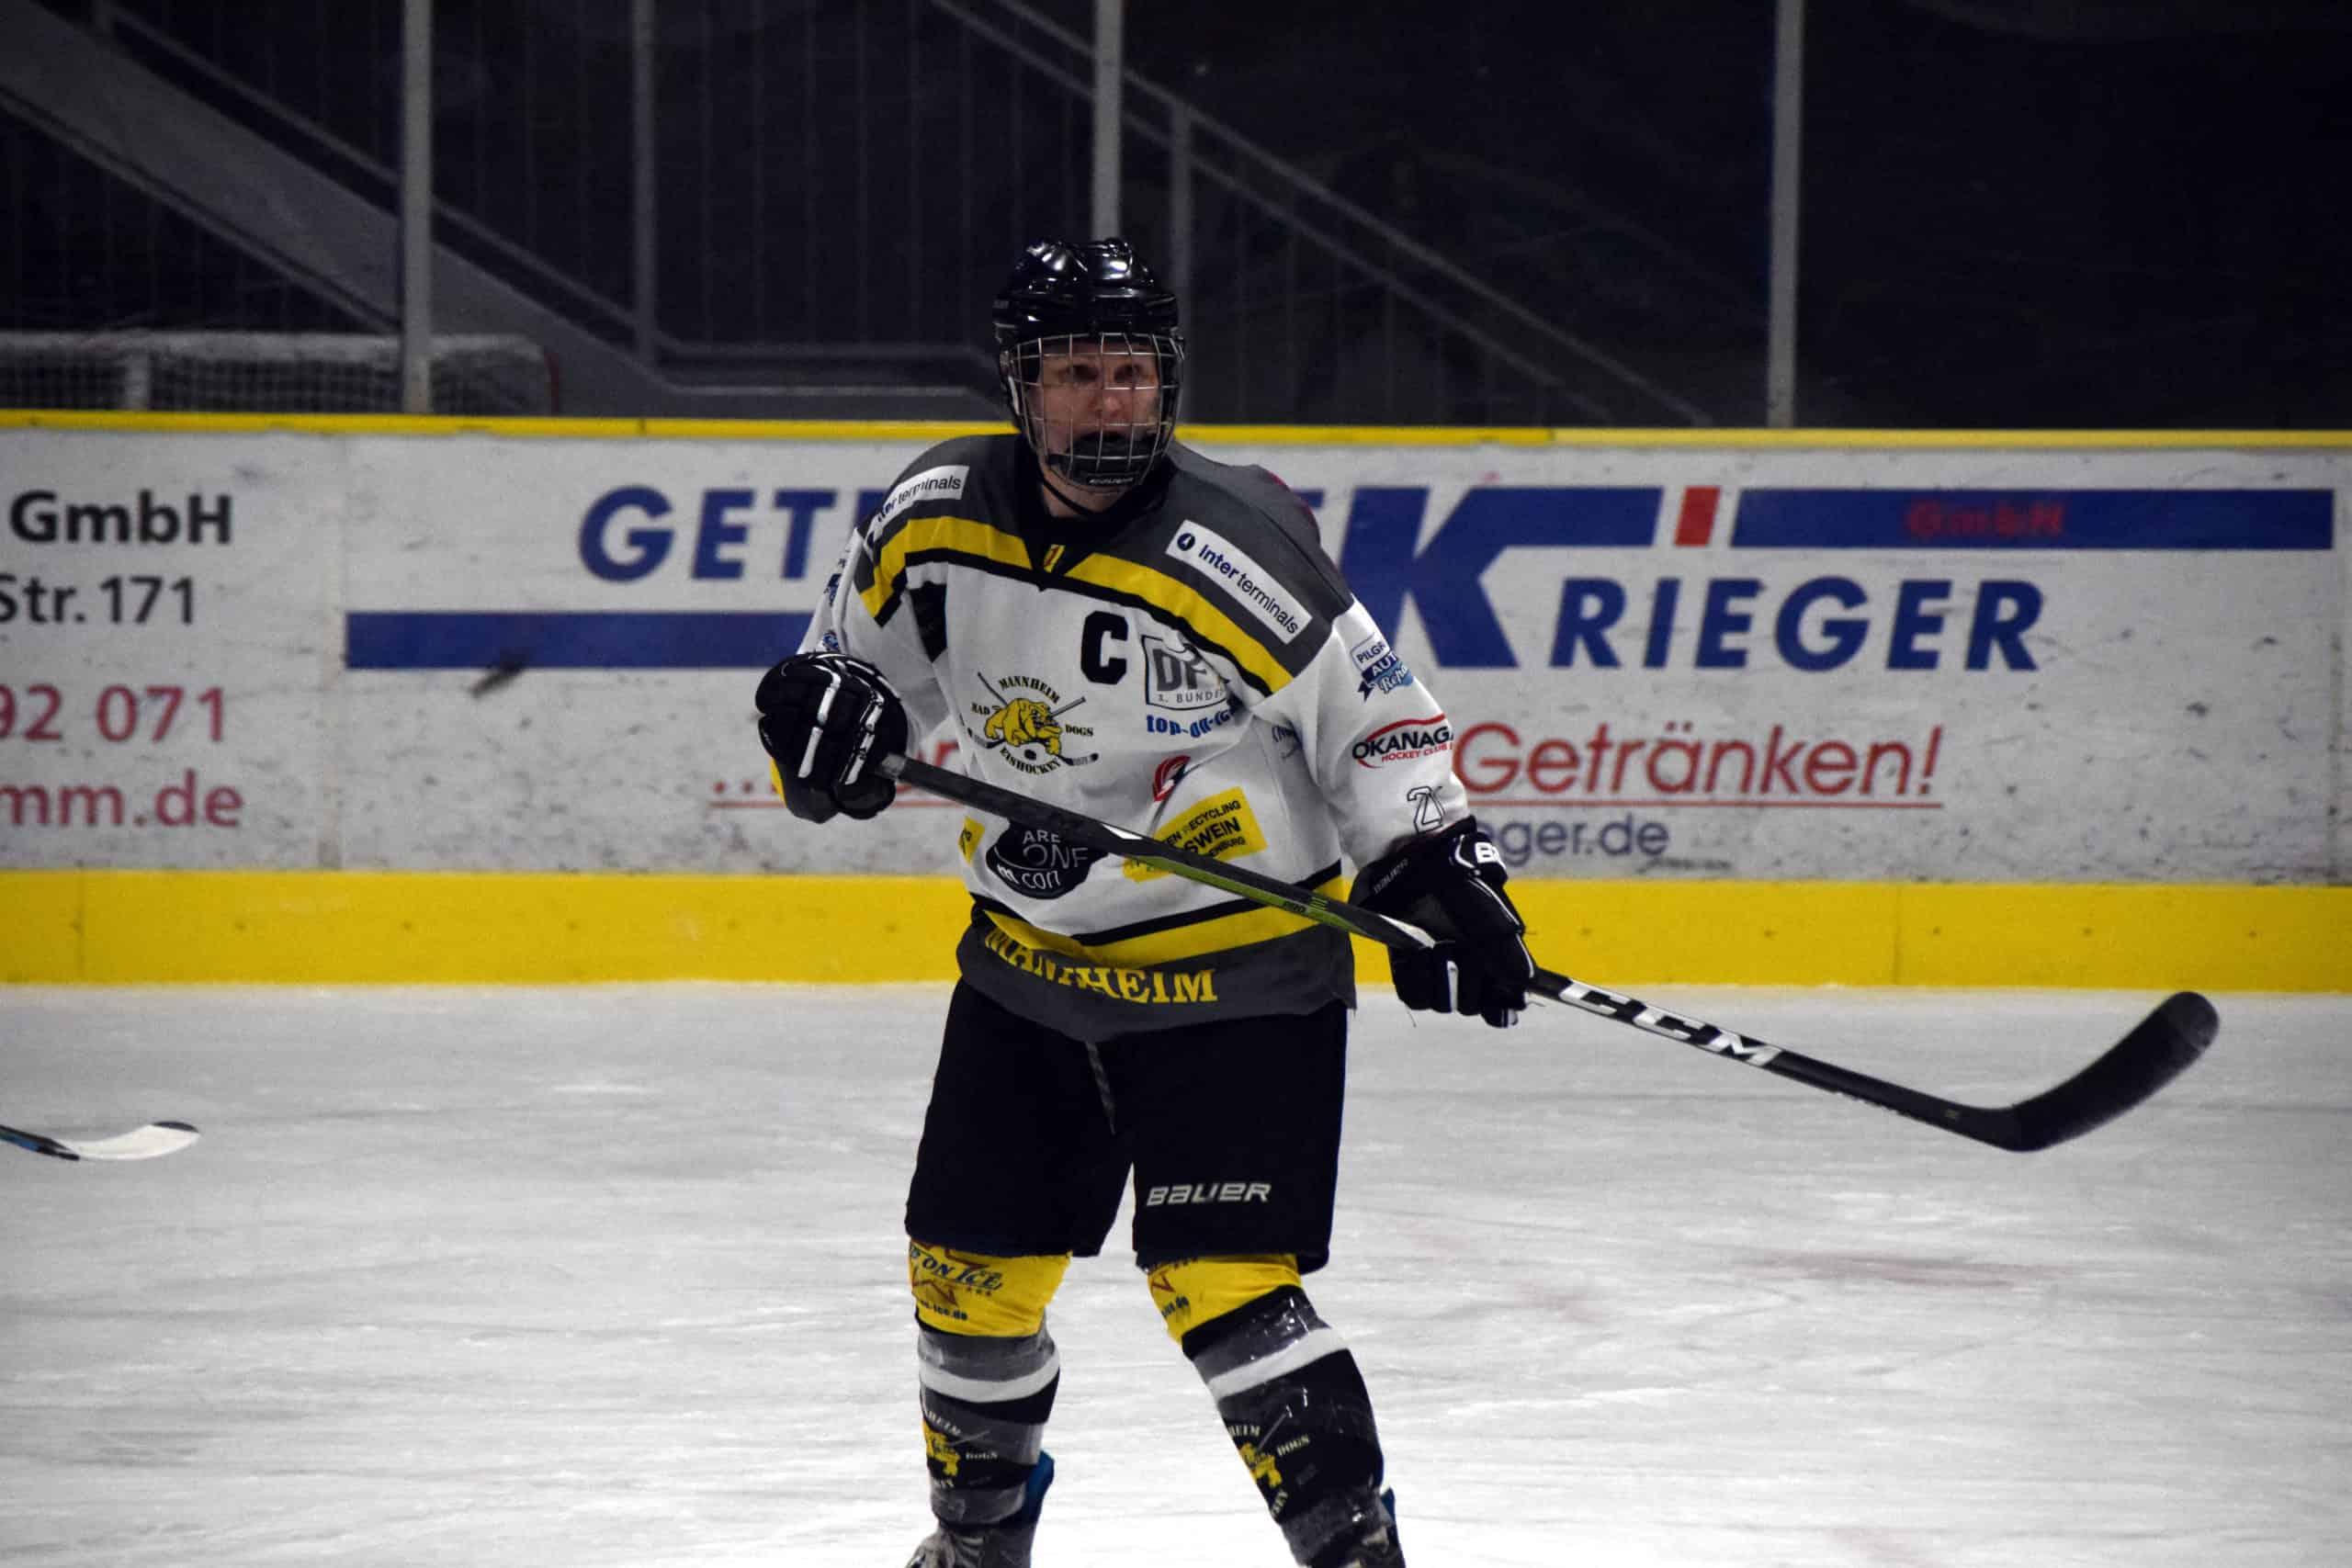 Yvonne in Eishockeyausrüstung auf dem Eis